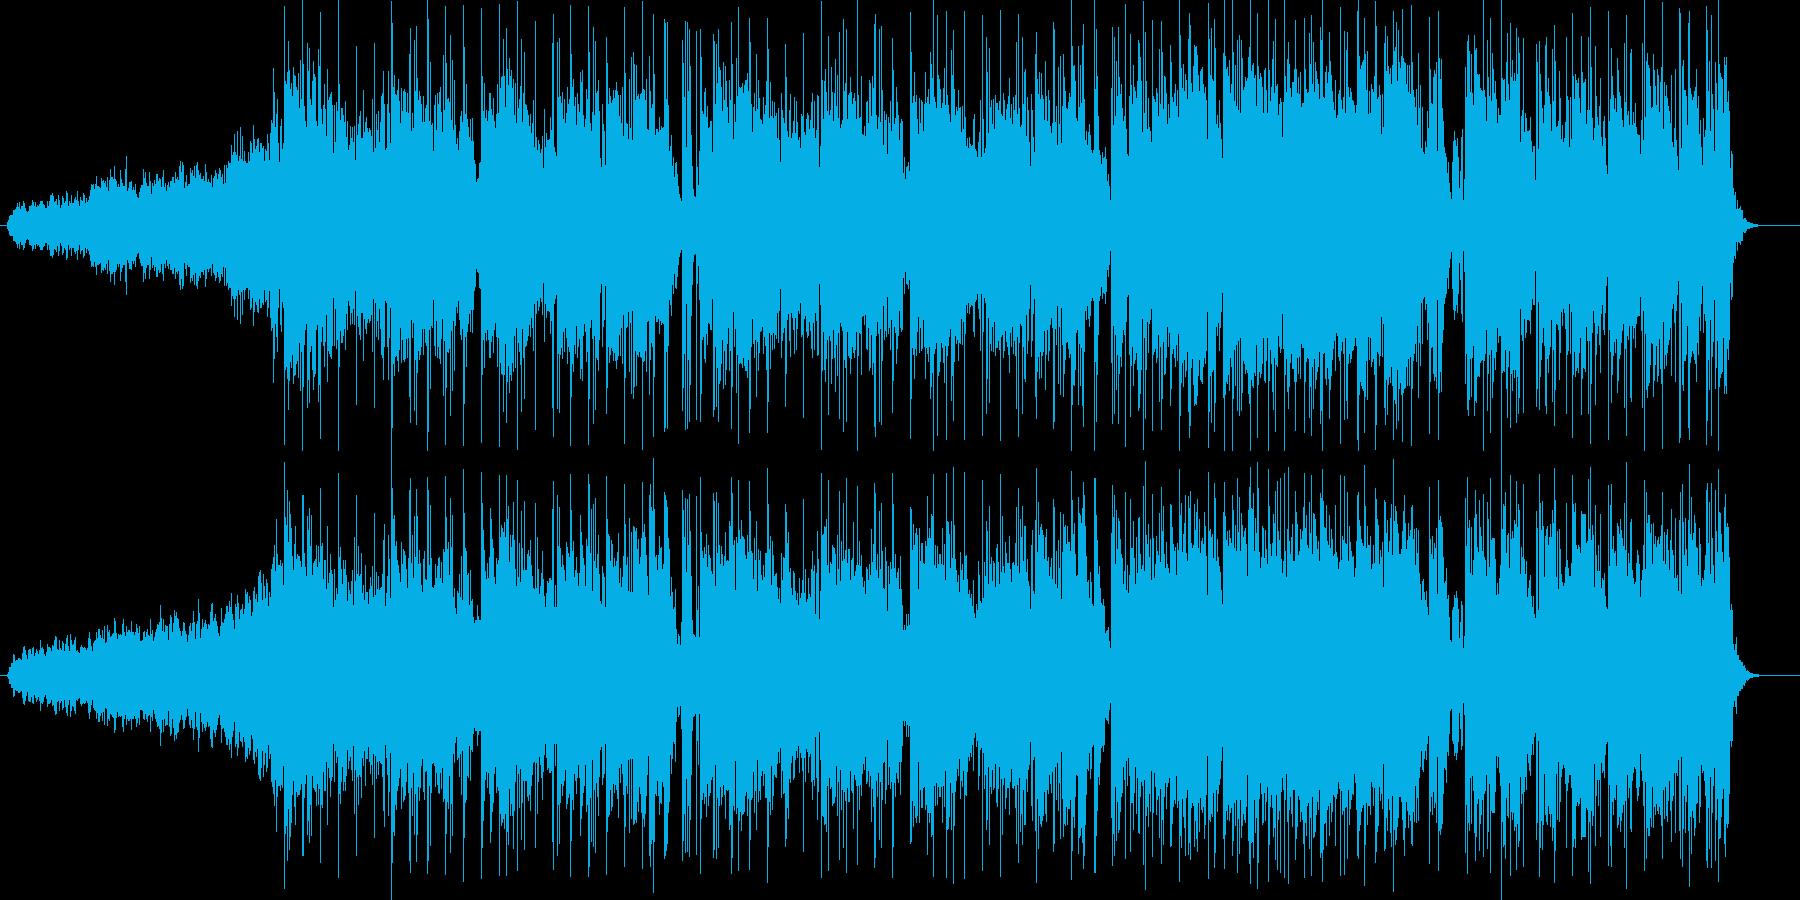 華麗でメロディアスなエレキサウンドの再生済みの波形